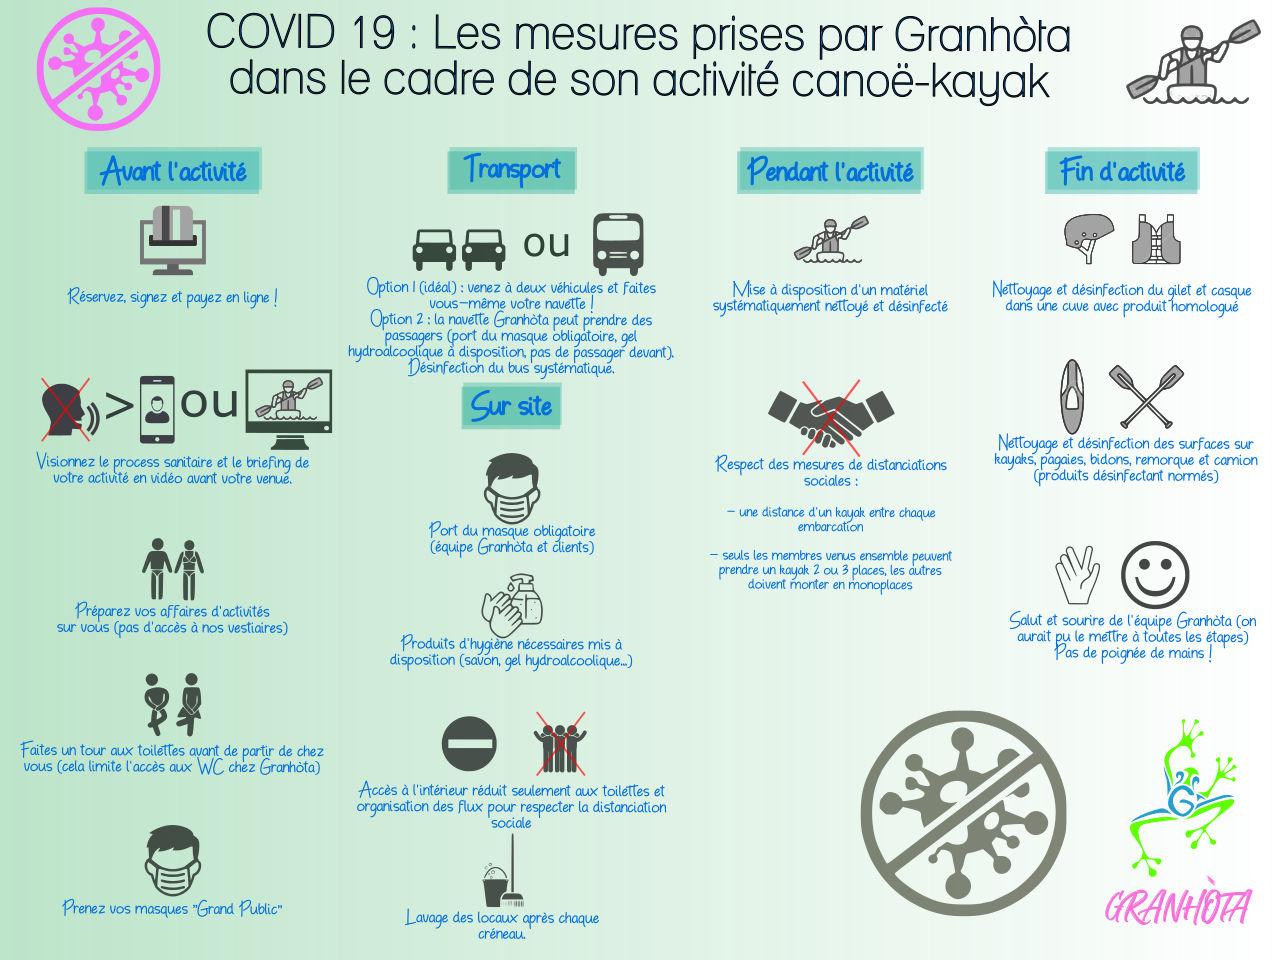 mesures-covid-19-granhota-canoe-kayak2